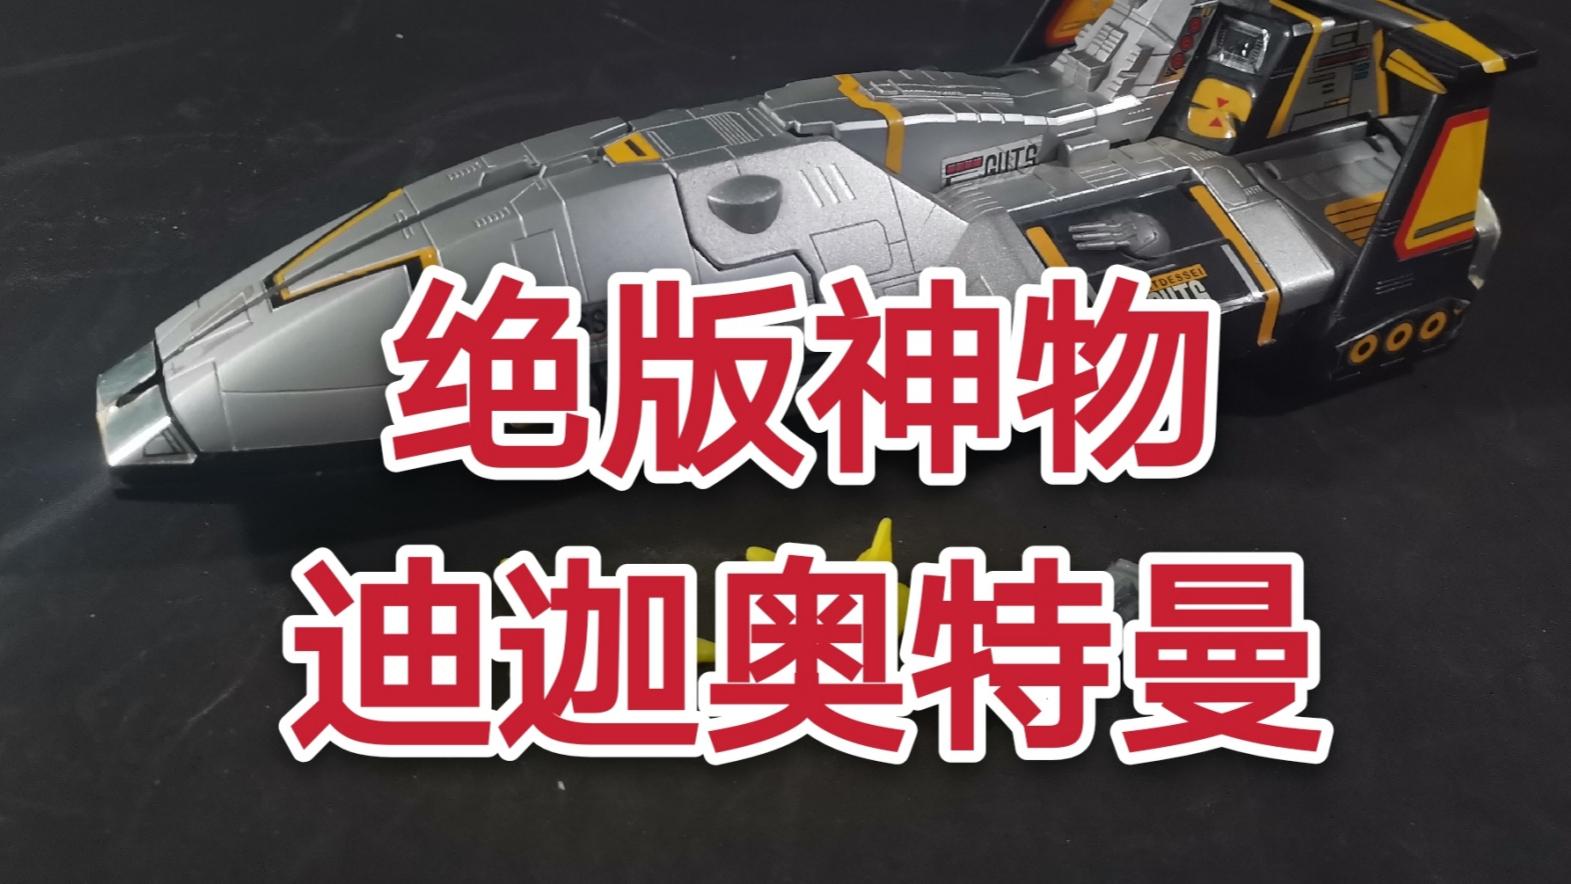 【迪迦】绝版神物 胜利队雅格迪斯号/亚特迪斯号